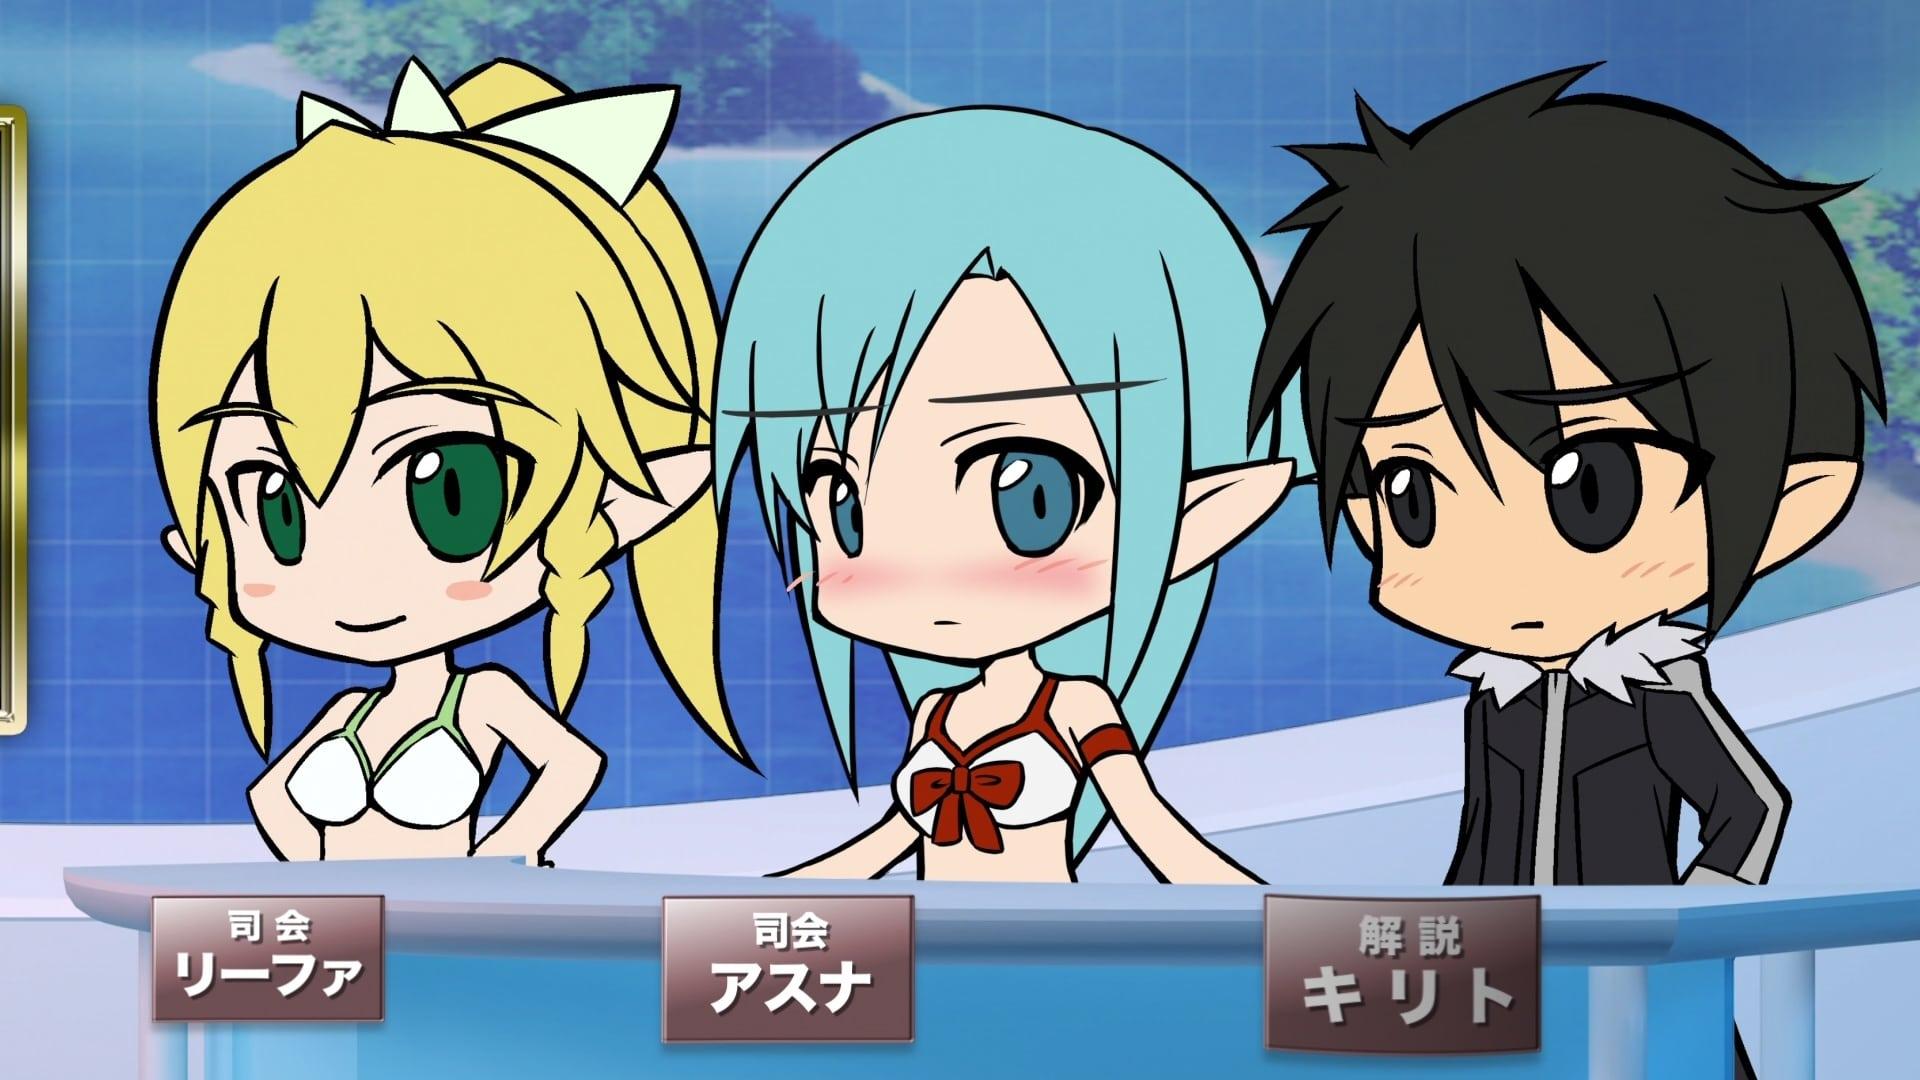 Sword Art Online Season 0 :Episode 11  Sword Art Offline: Extra Edition